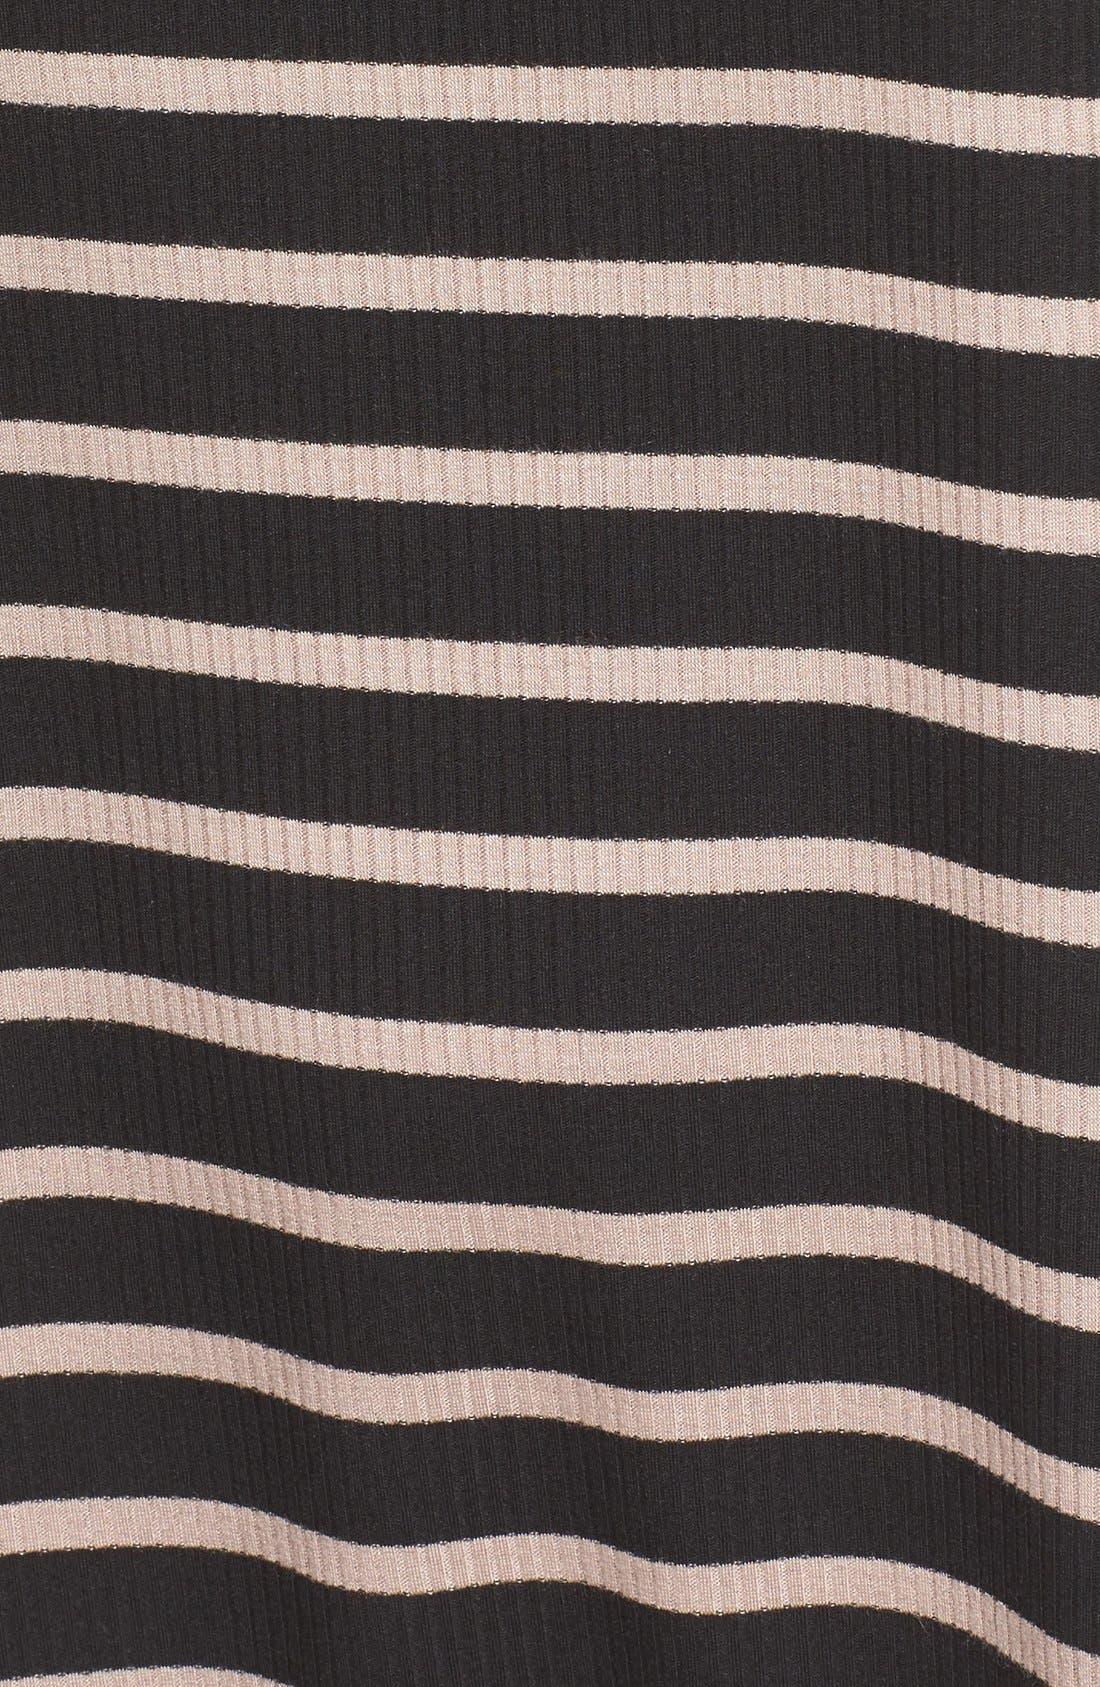 Cowl Neck Shift Dress,                             Alternate thumbnail 8, color,                             Black / Taupe Rib